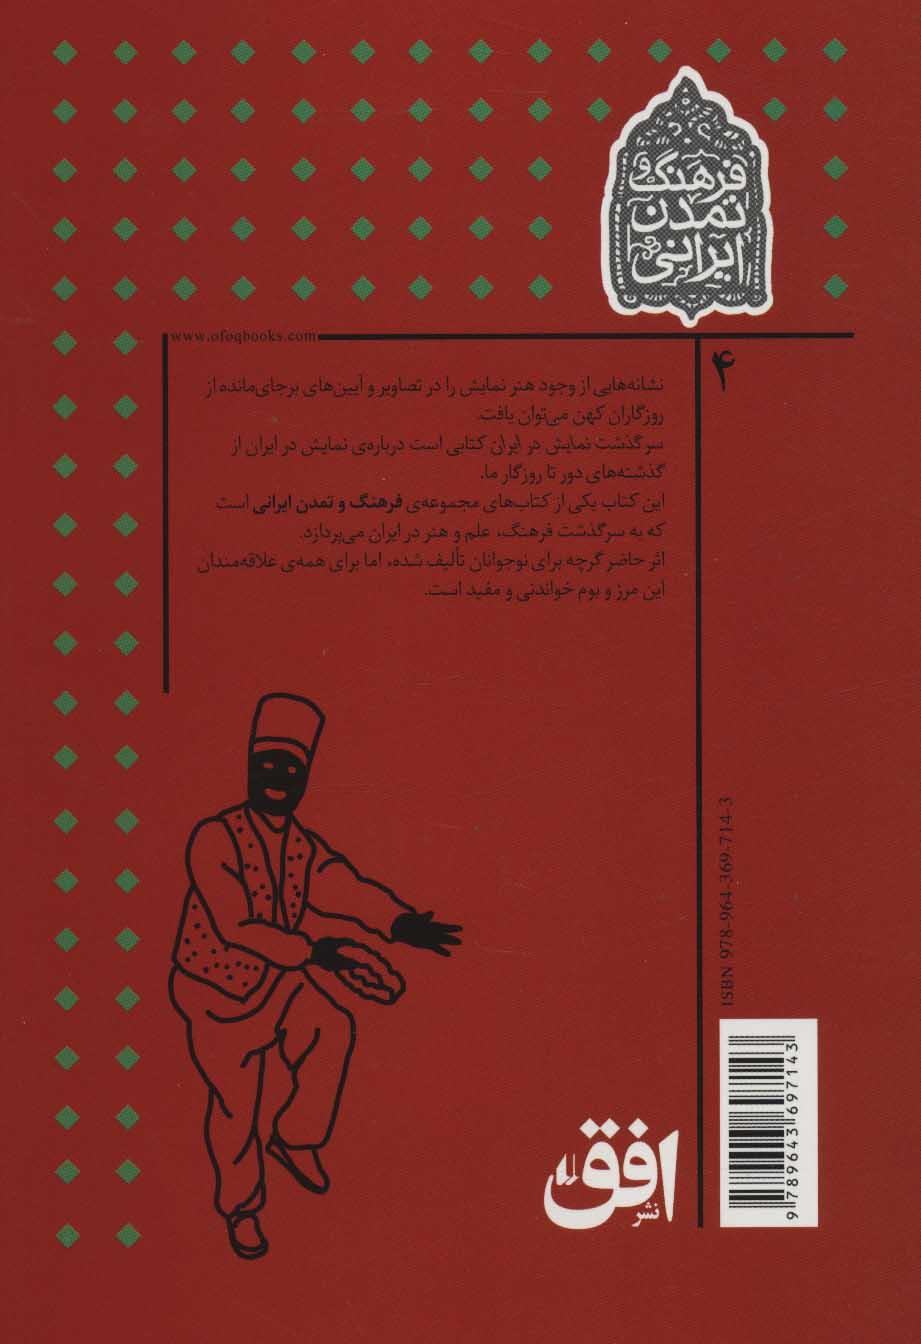 فرهنگ و تمدن ایرانی 4 (سرگذشت نمایش در ایران)